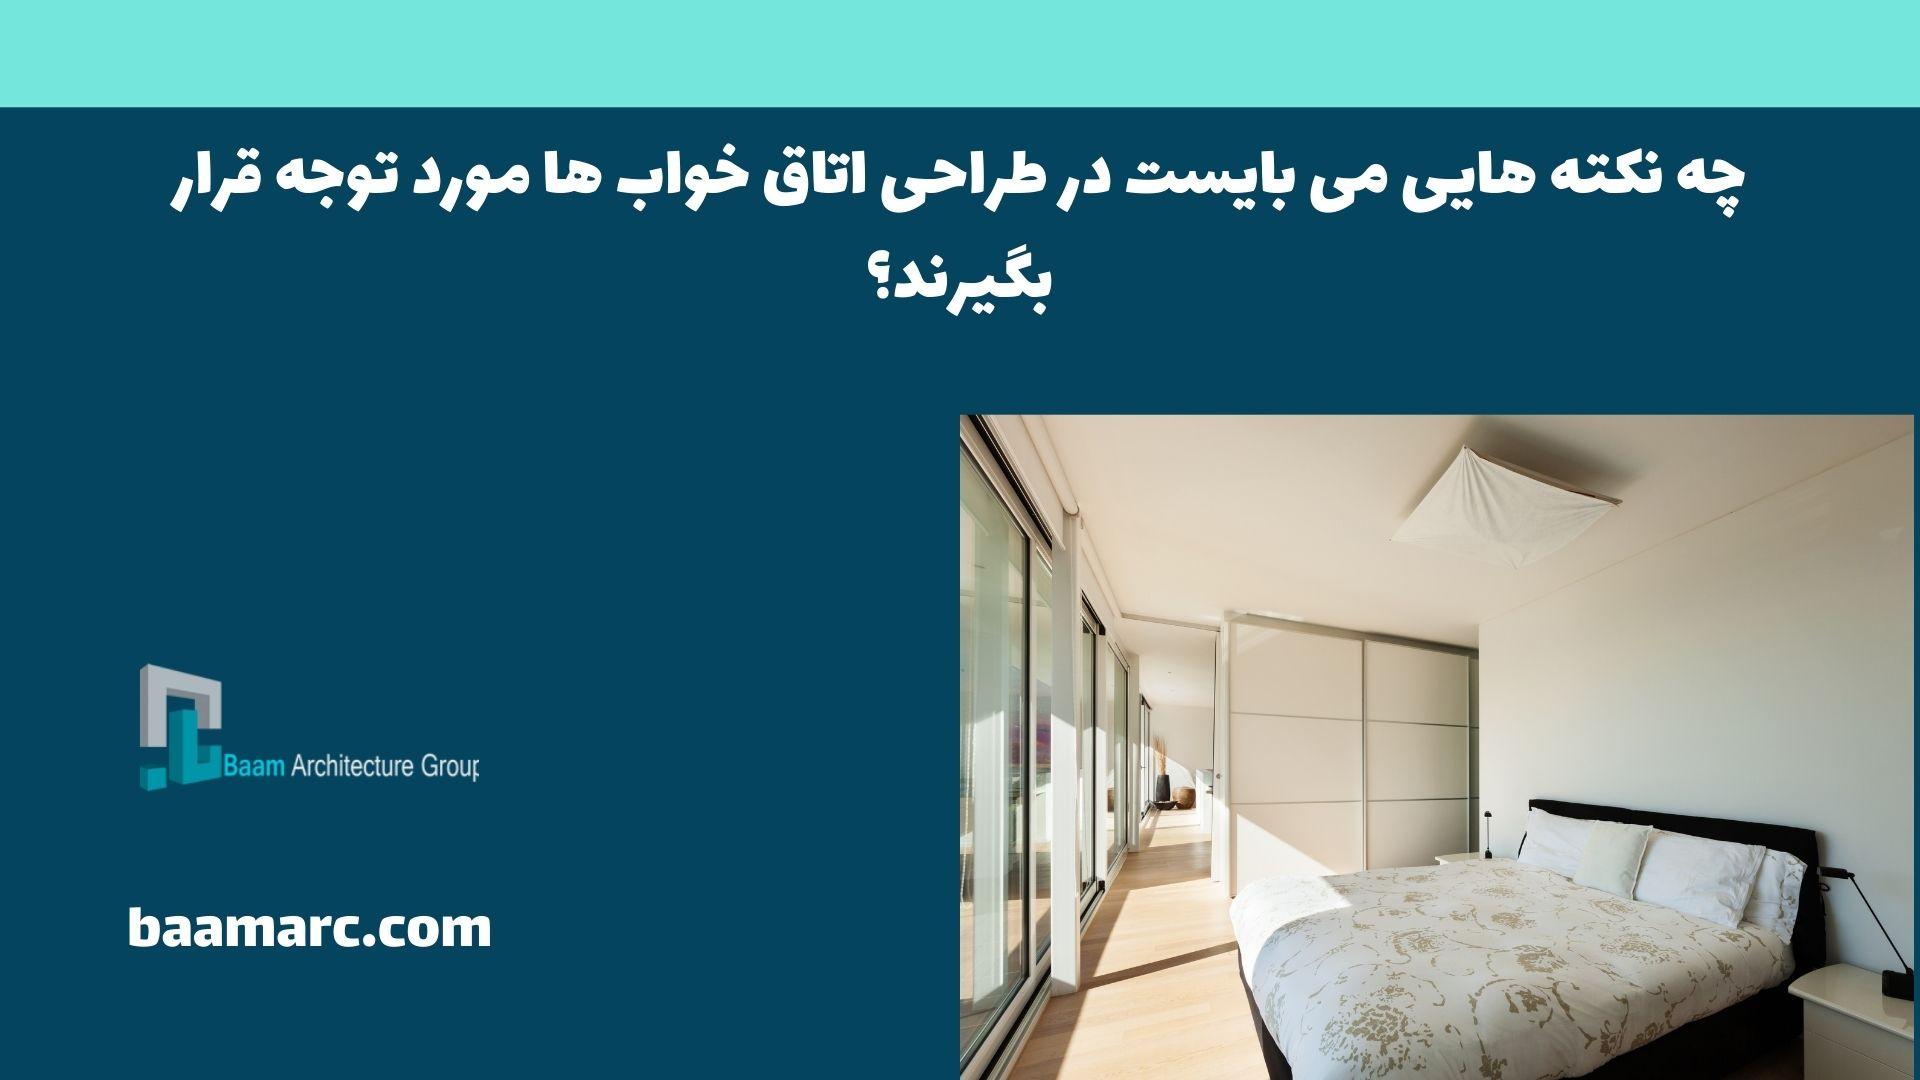 چه نکته هایی می بایست در طراحی اتاق خواب ها مورد توجه قرار بگیرند؟